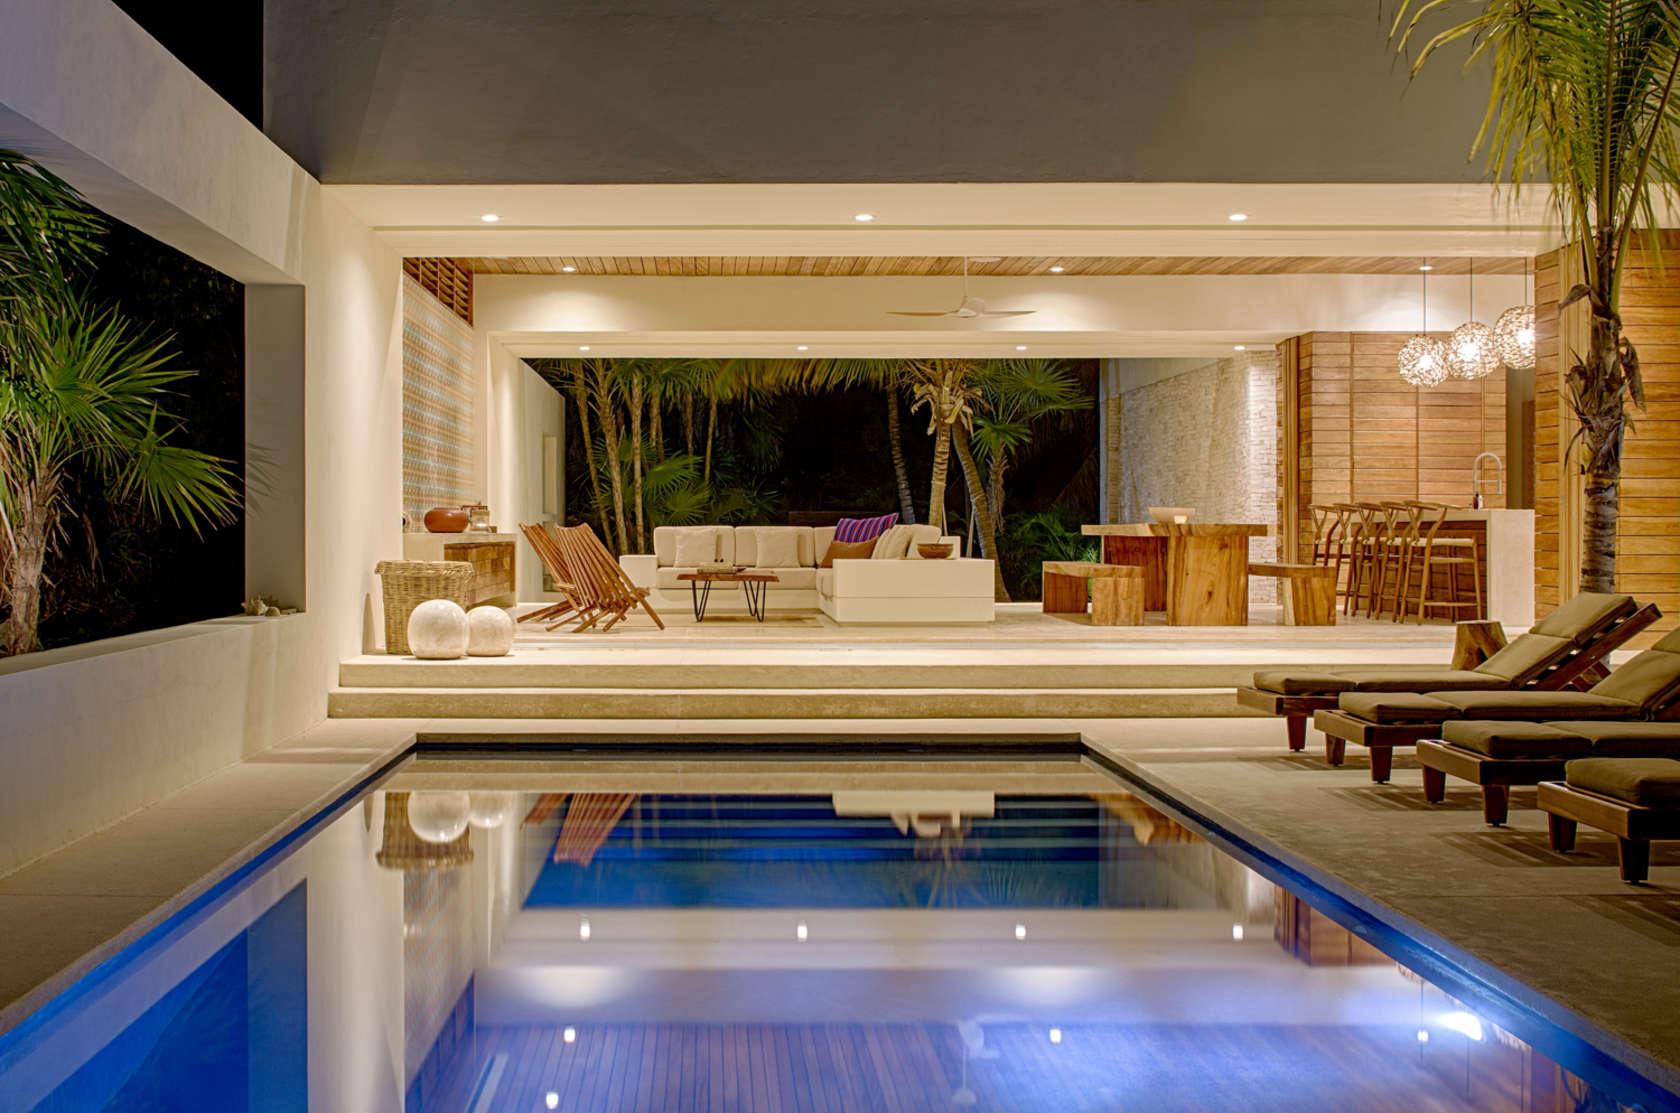 open-pool-deck-design | Interior Design Ideas.